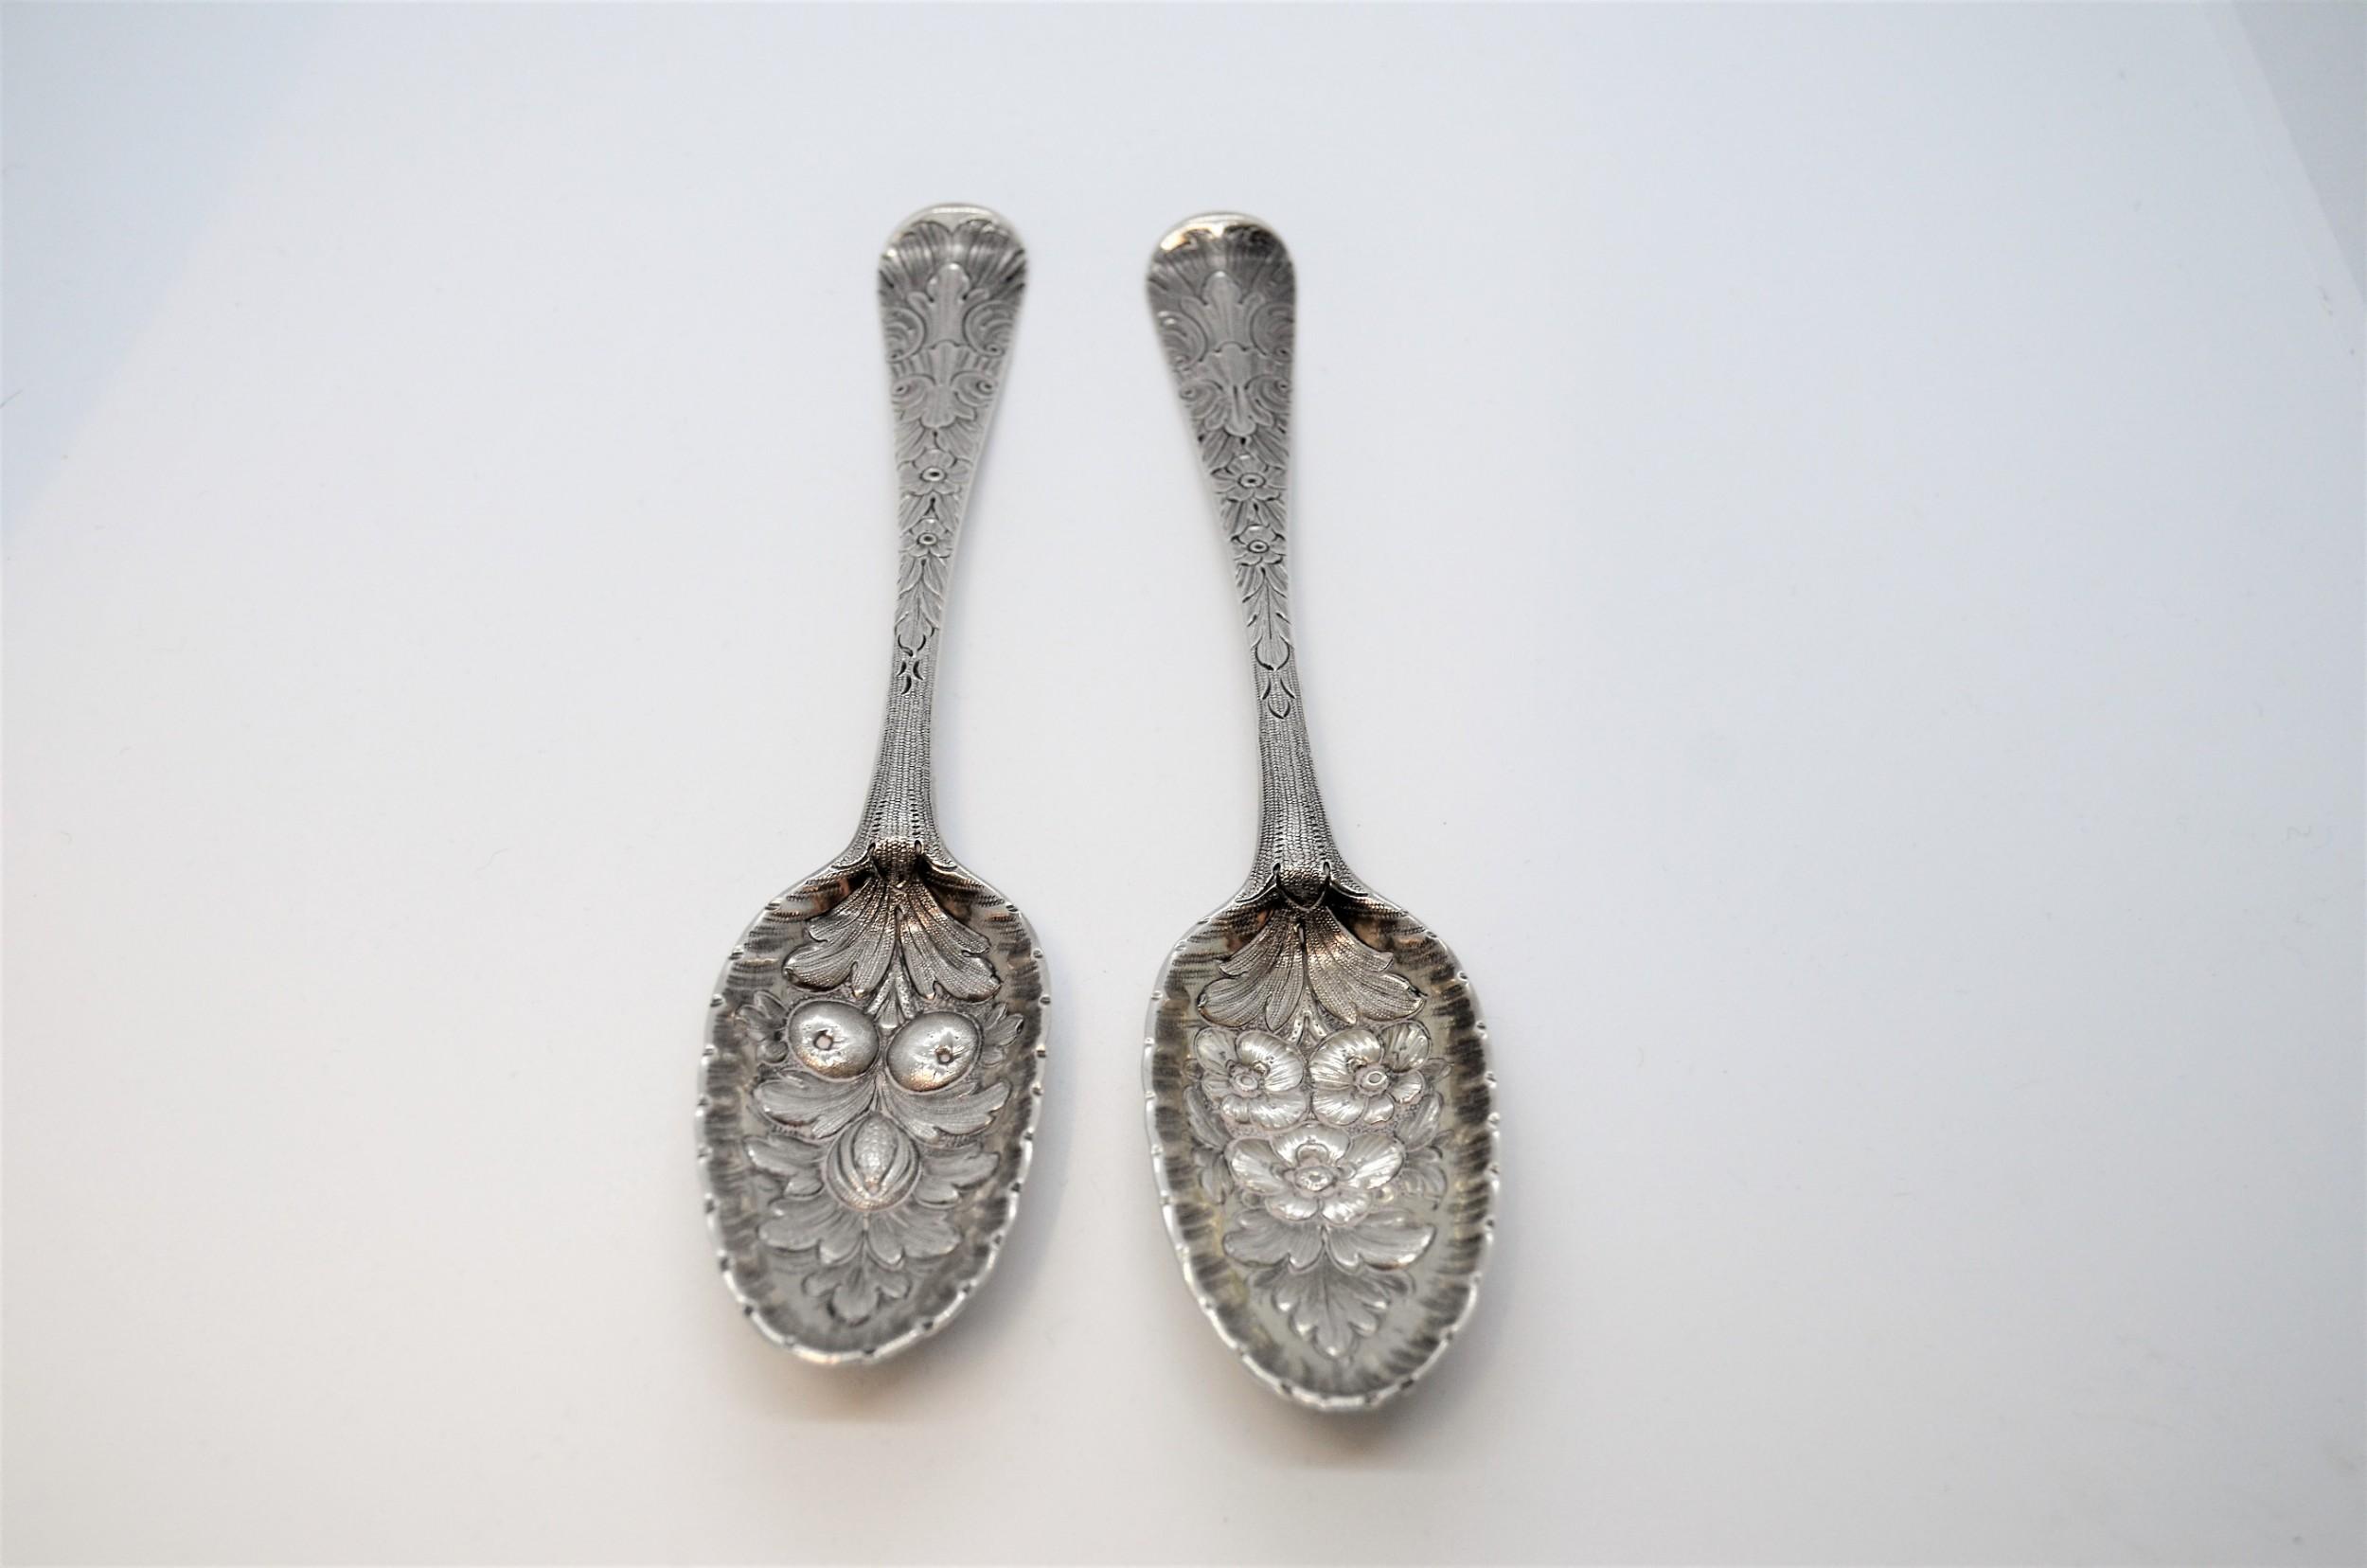 pair of 18th century irish silver spoons